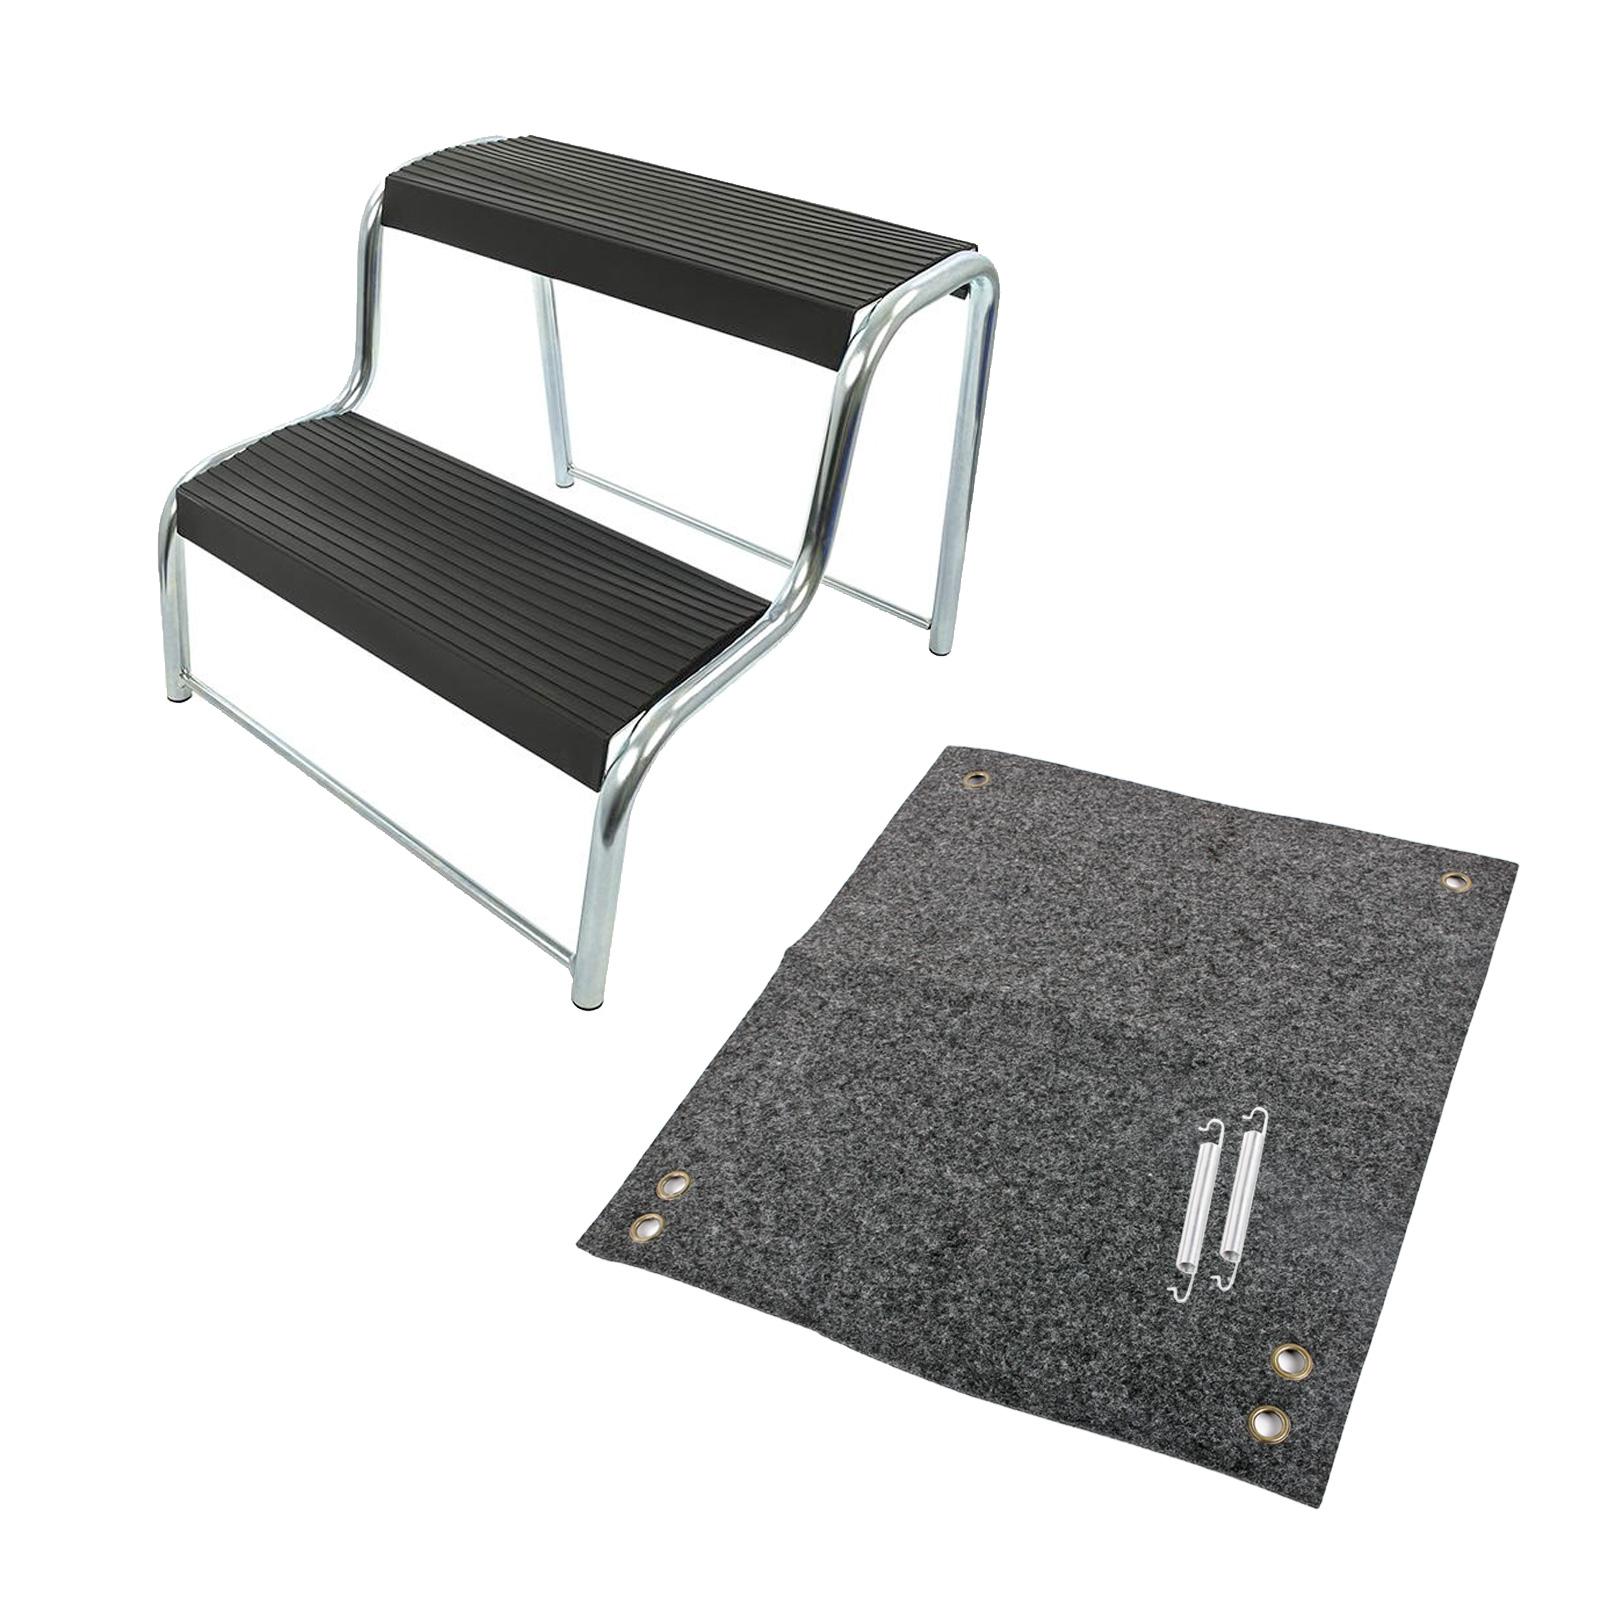 Doppeltrittstufe inkl. passender Fußmatte, Stahl, max. 150kg